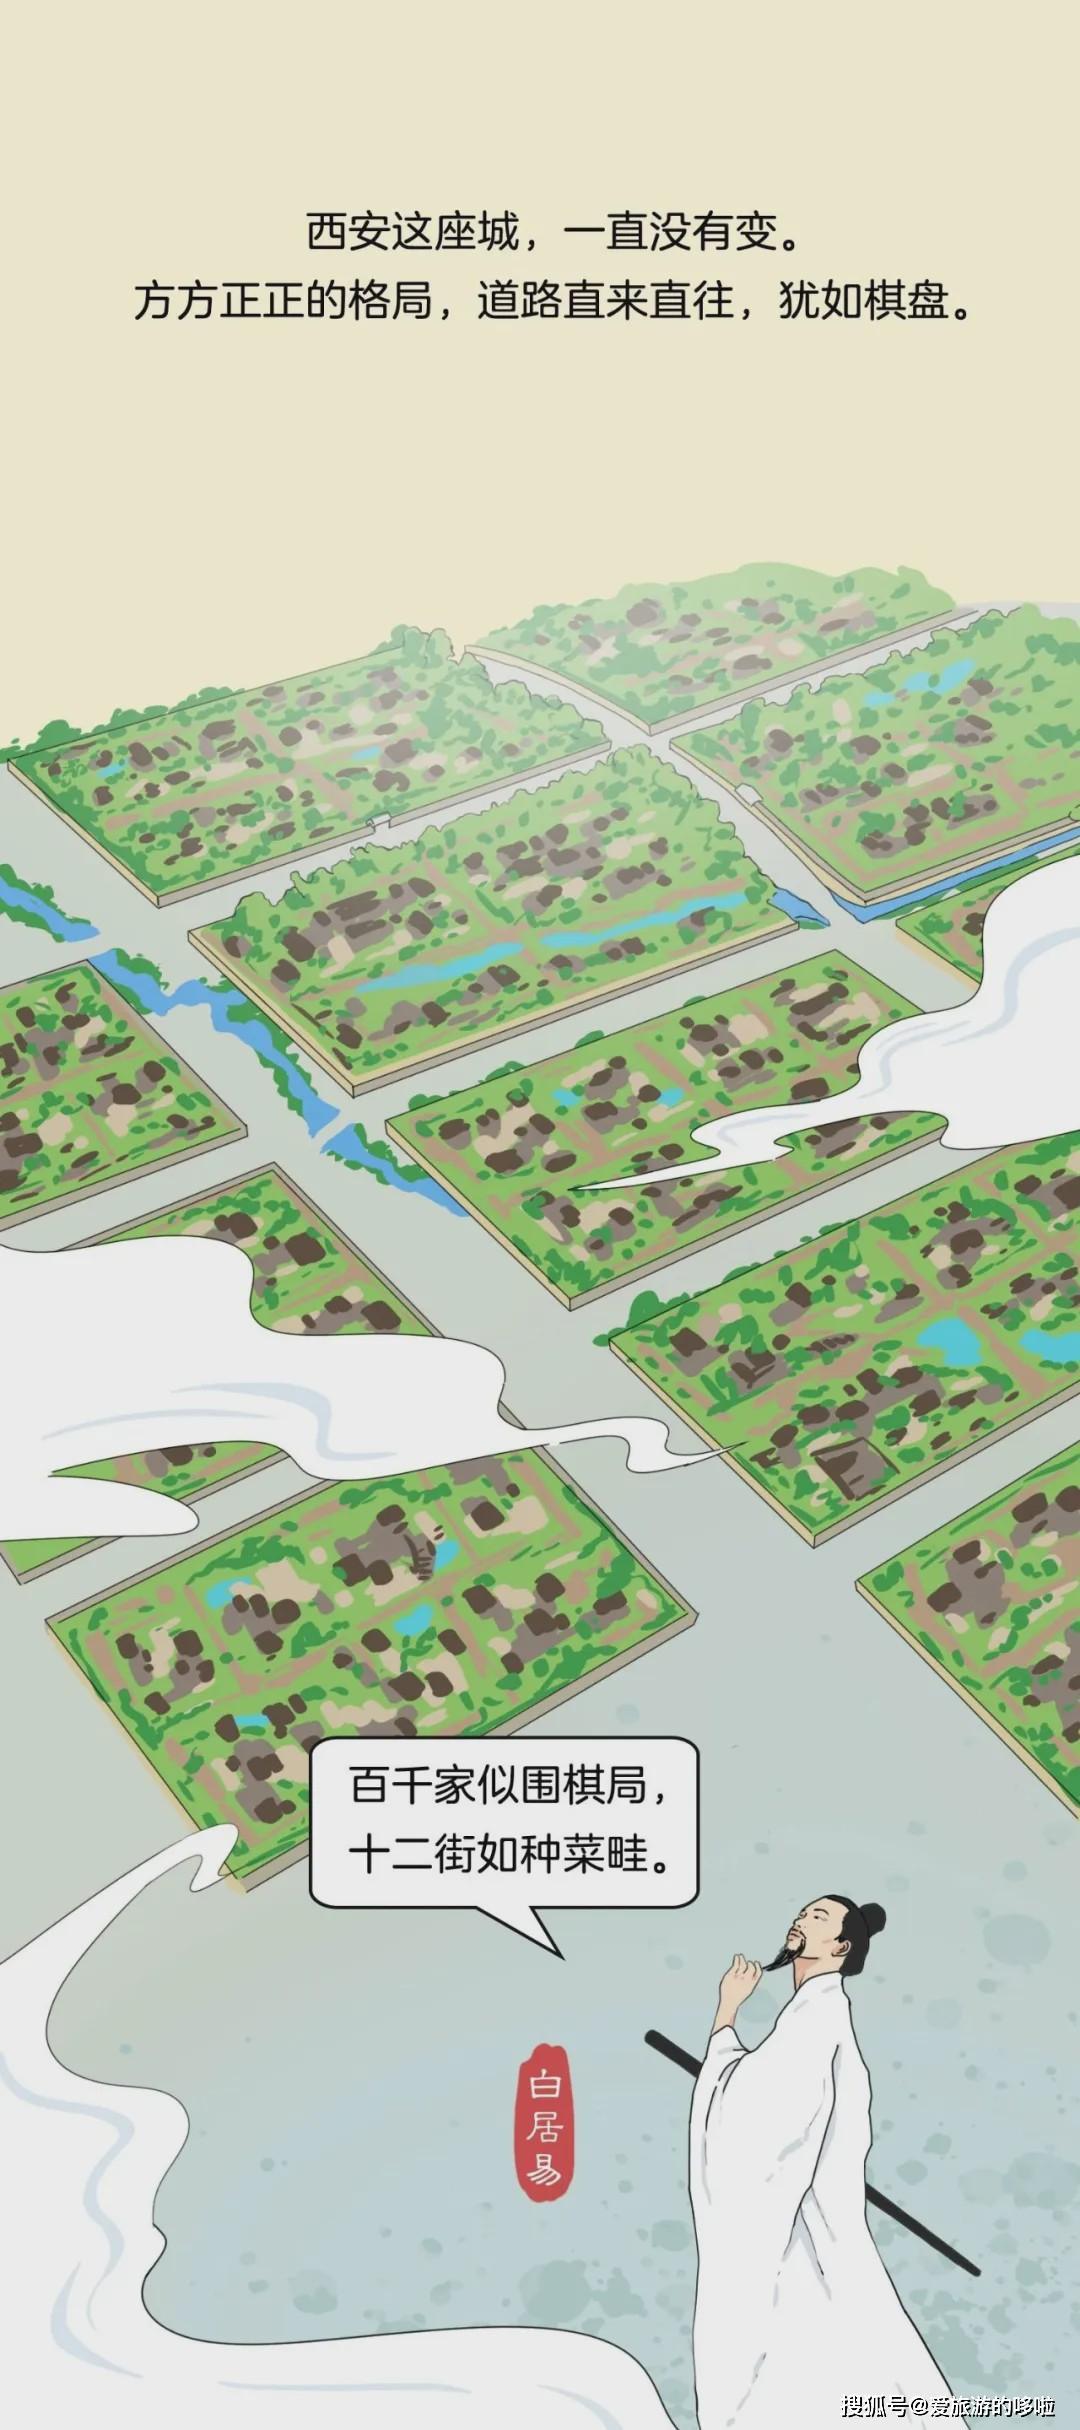 西安有哪些地级市及人口_西安人口密度分布图